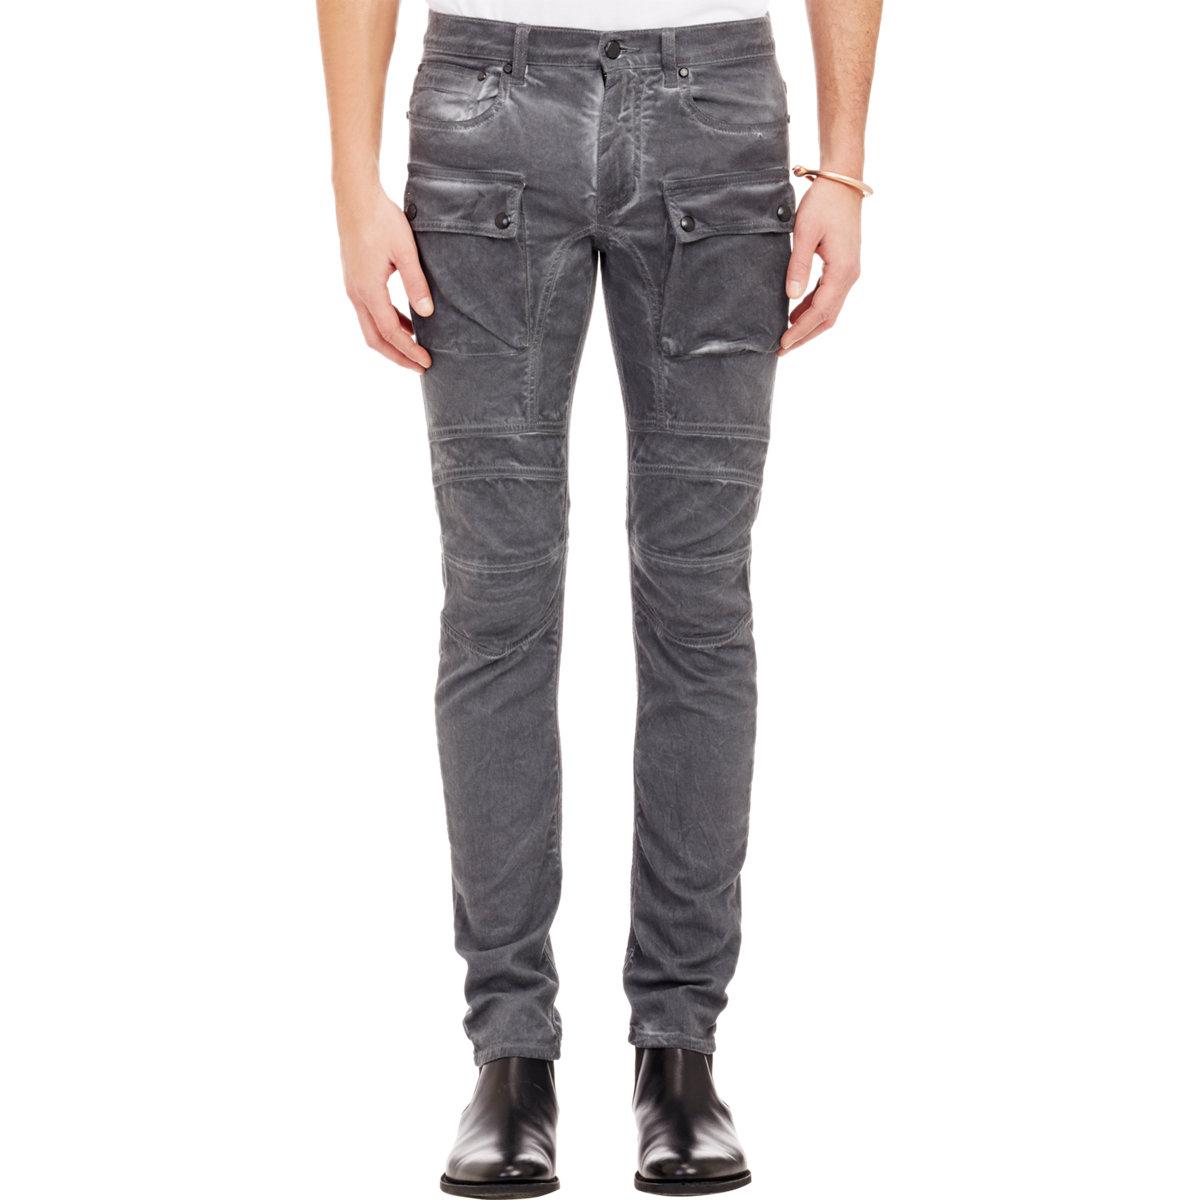 Lyst - Belstaff Felmore Moto Jeans in Gray for Men